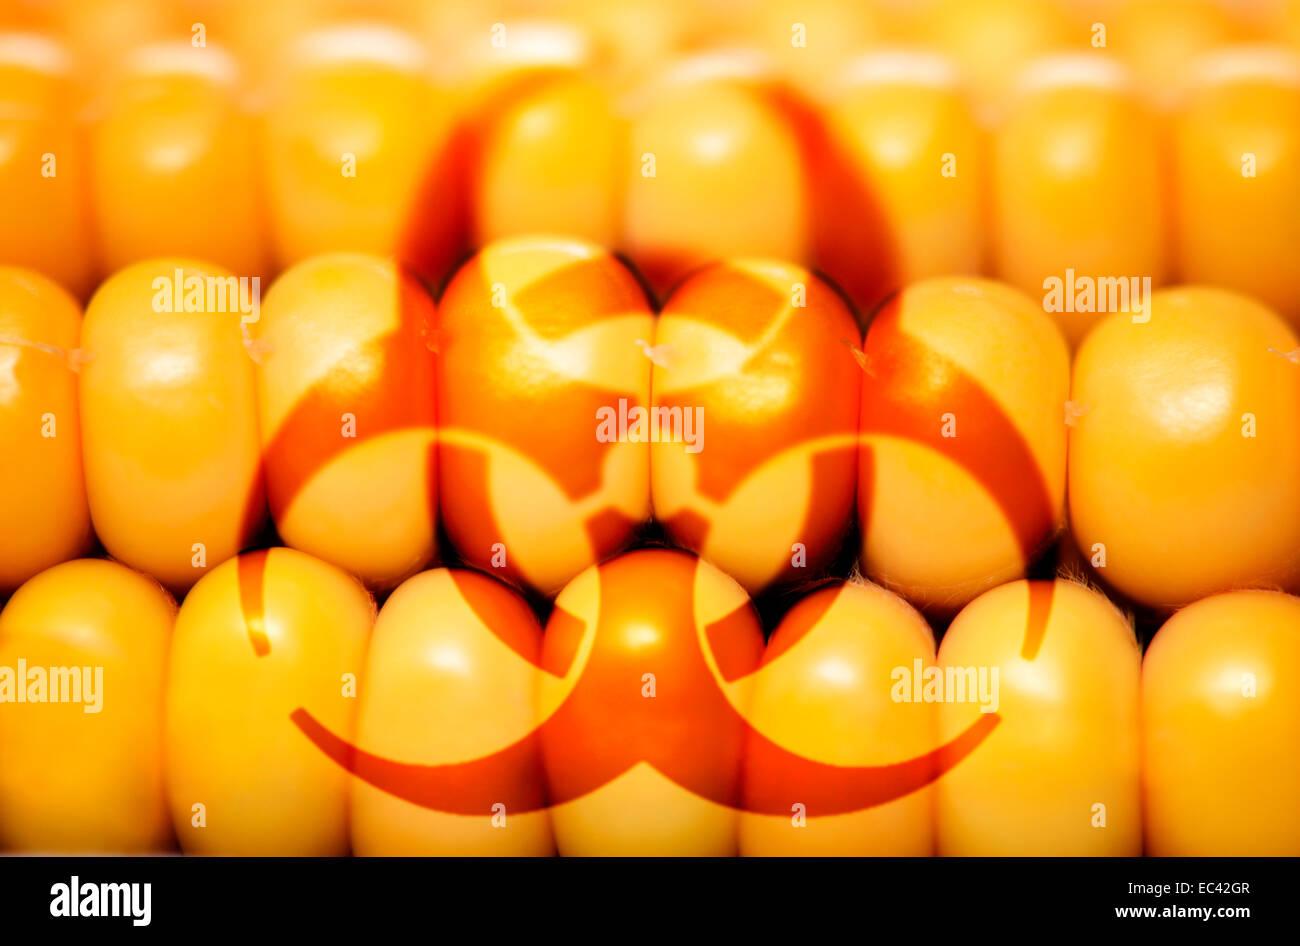 Le maïs et danger biologique, du maïs génétiquement modifié Photo Stock